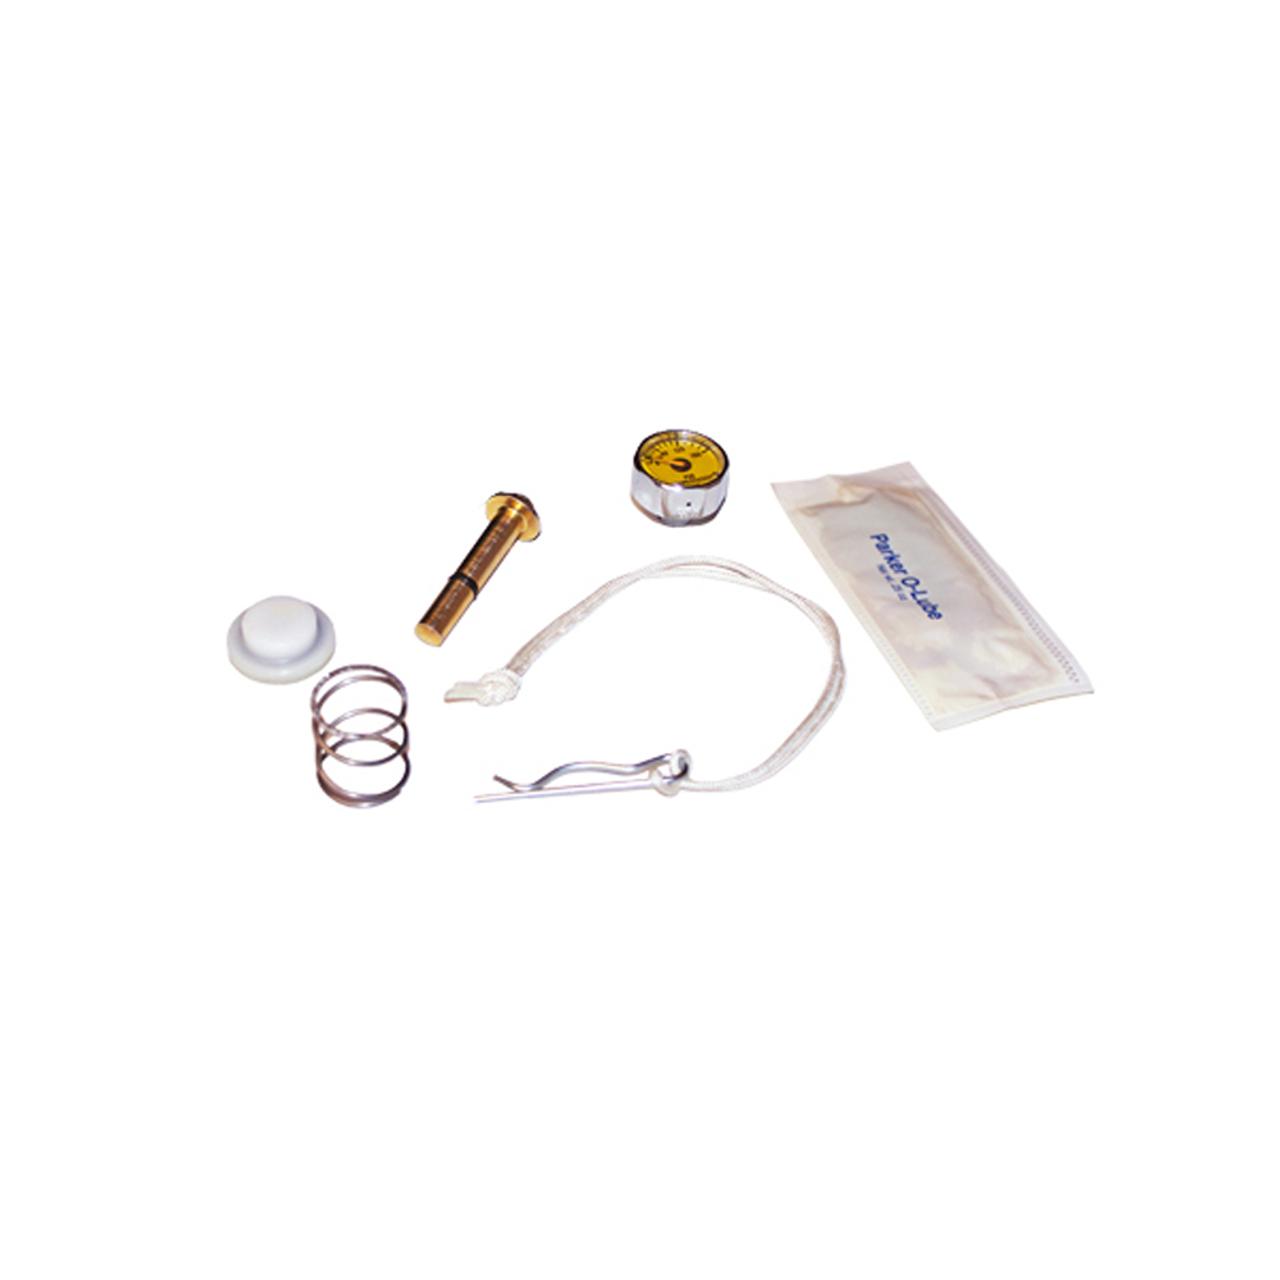 Utility AirSpade 4000 Handle Repair Kit